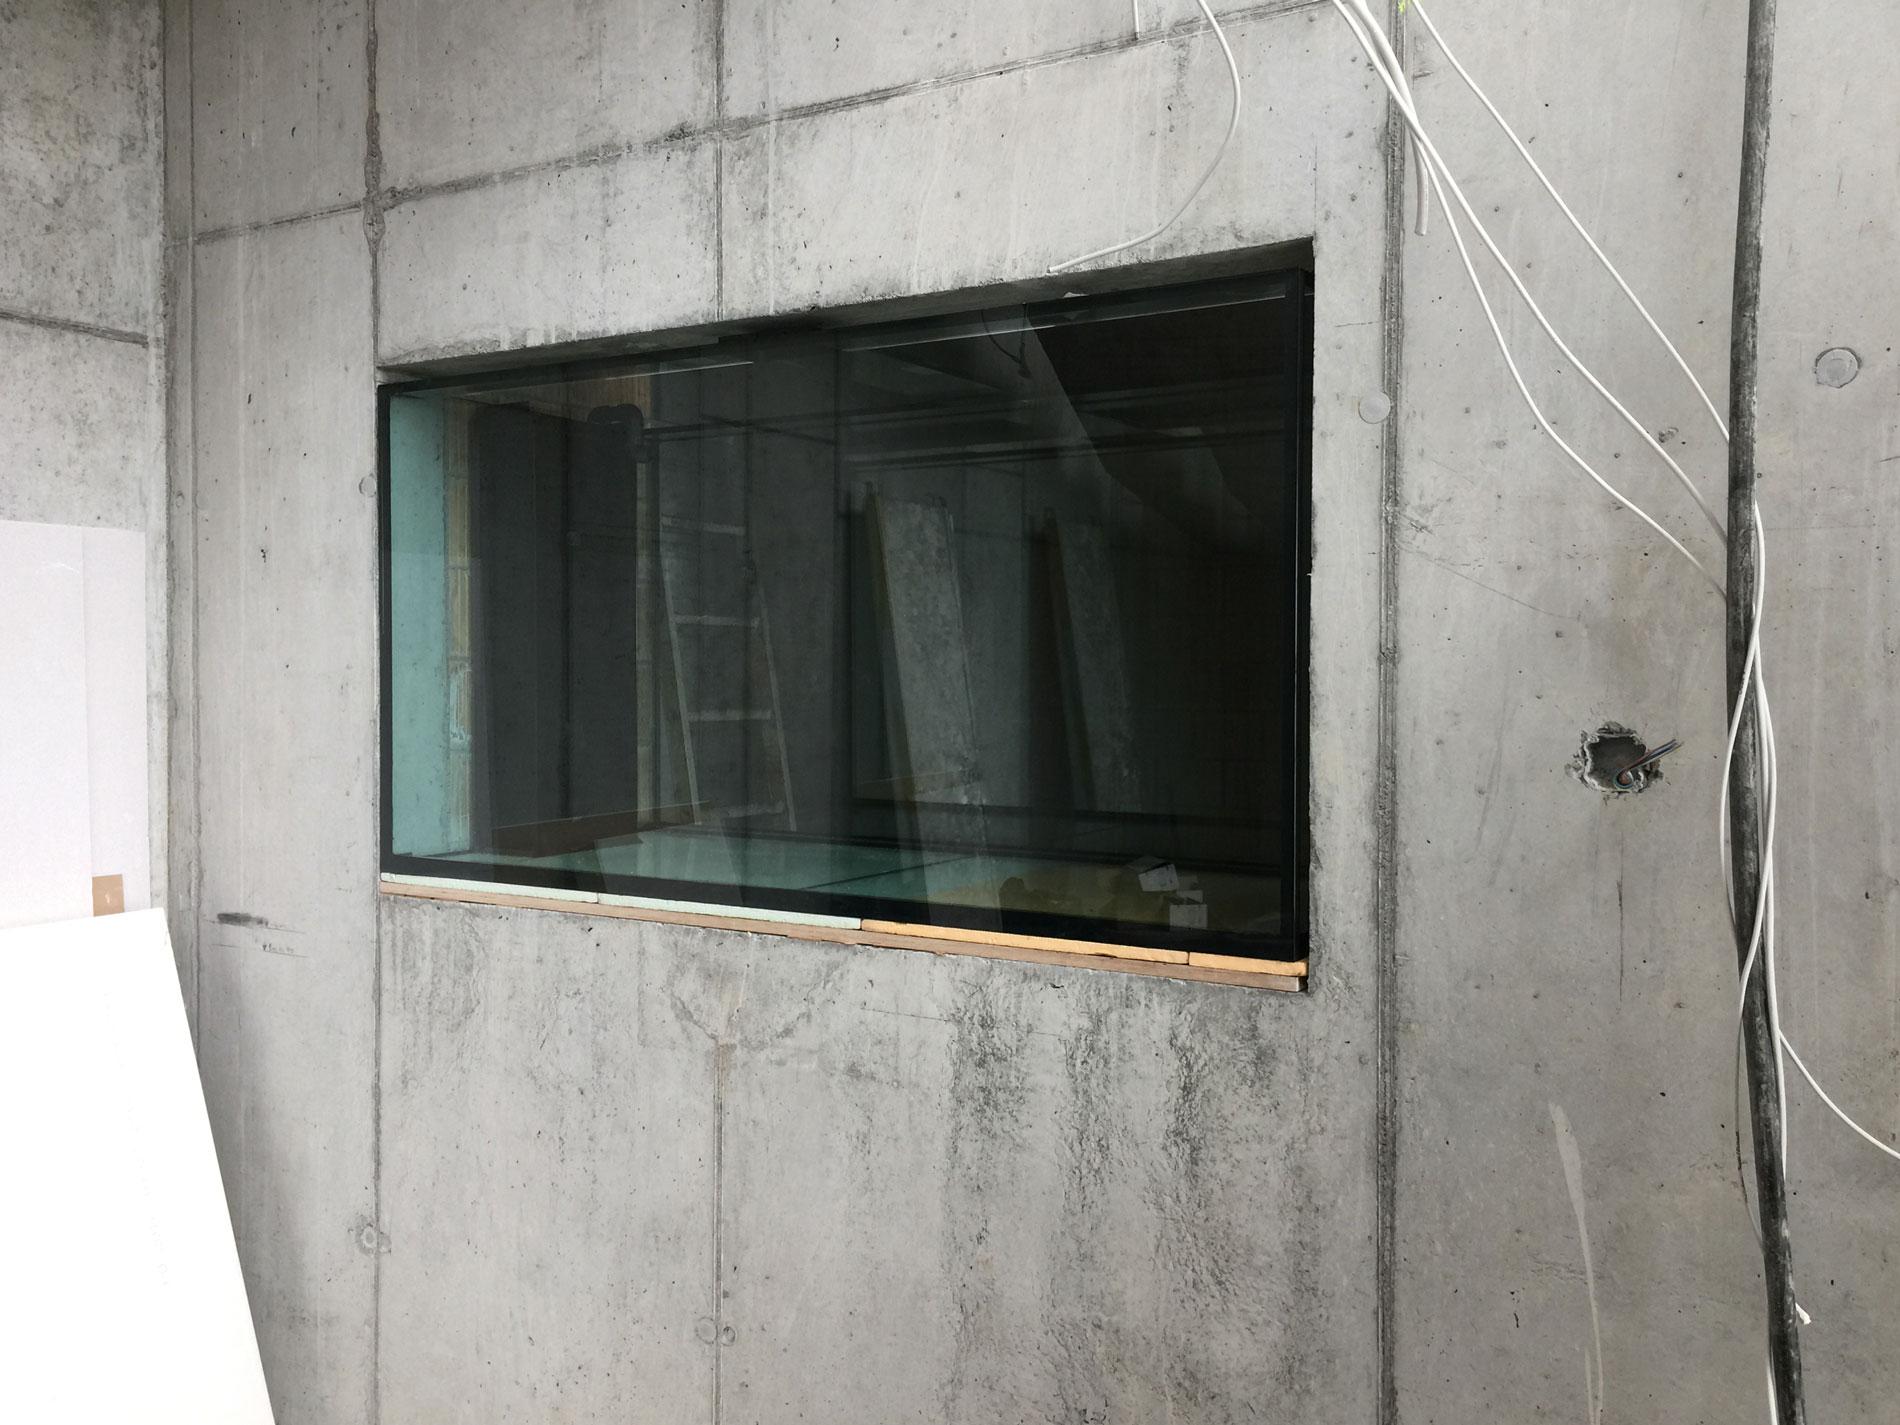 Raumteiler zwischen Wohnraum und Weinkeller